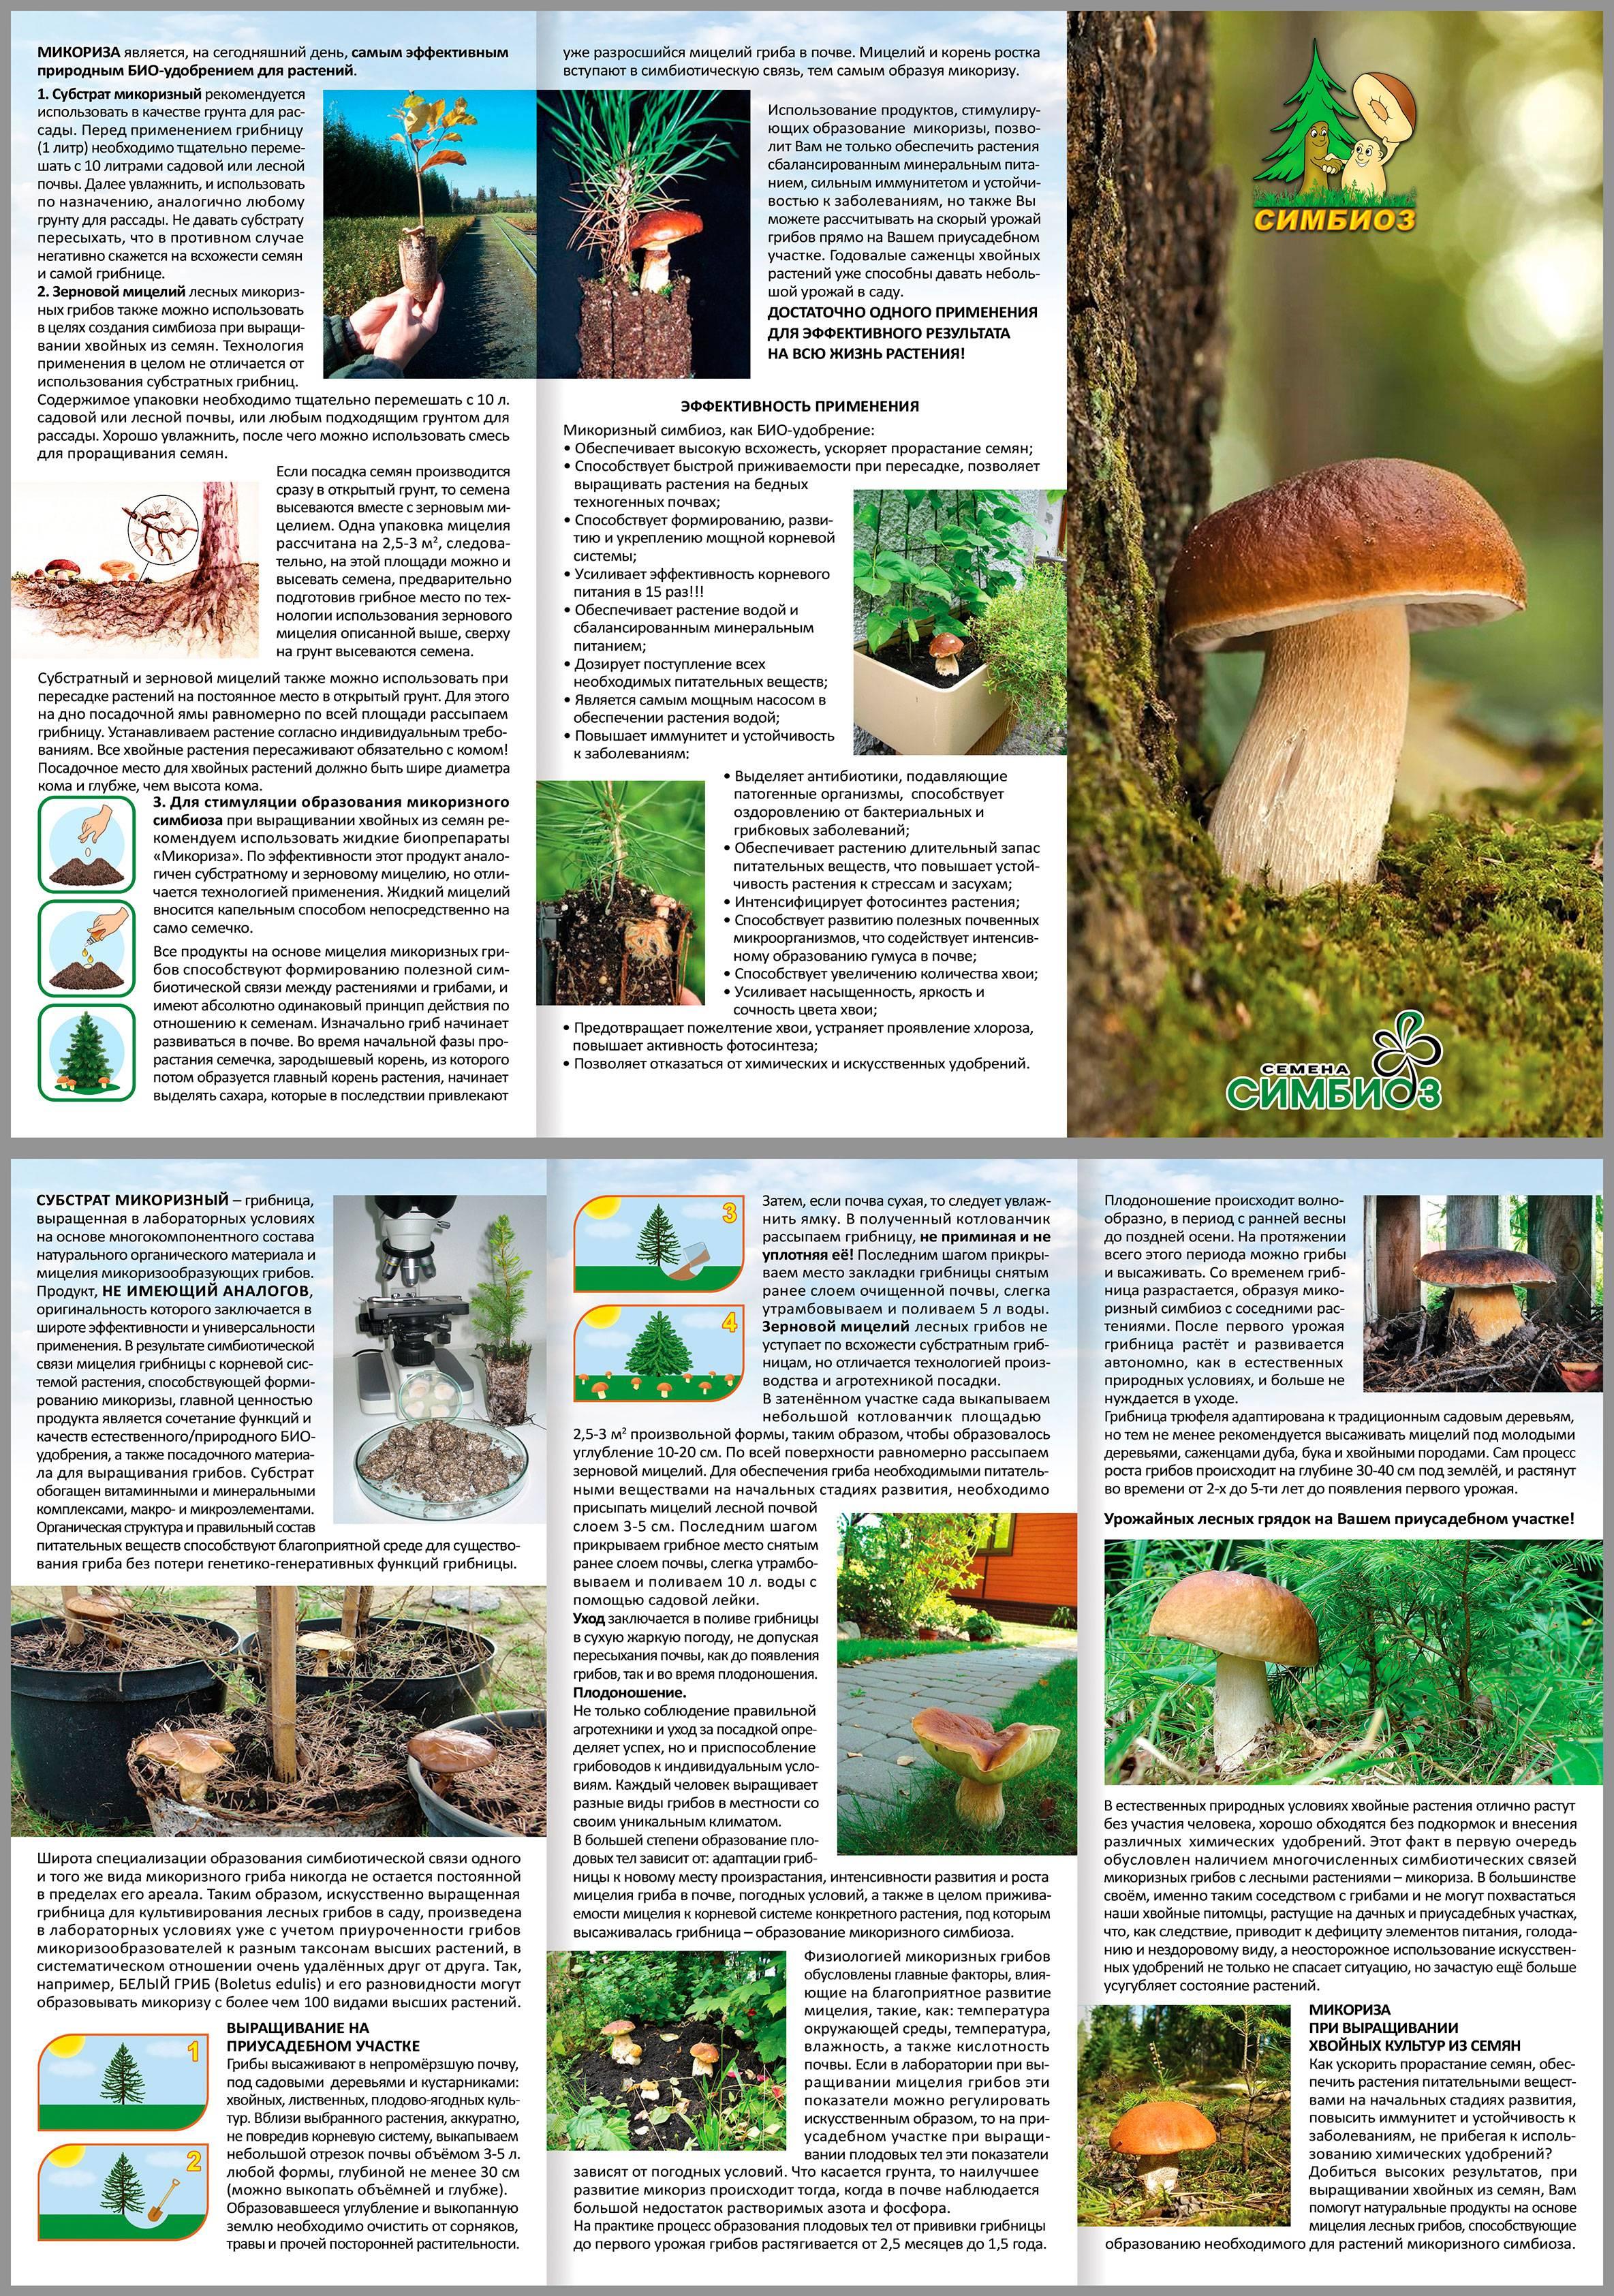 Симбиоз грибов и животных